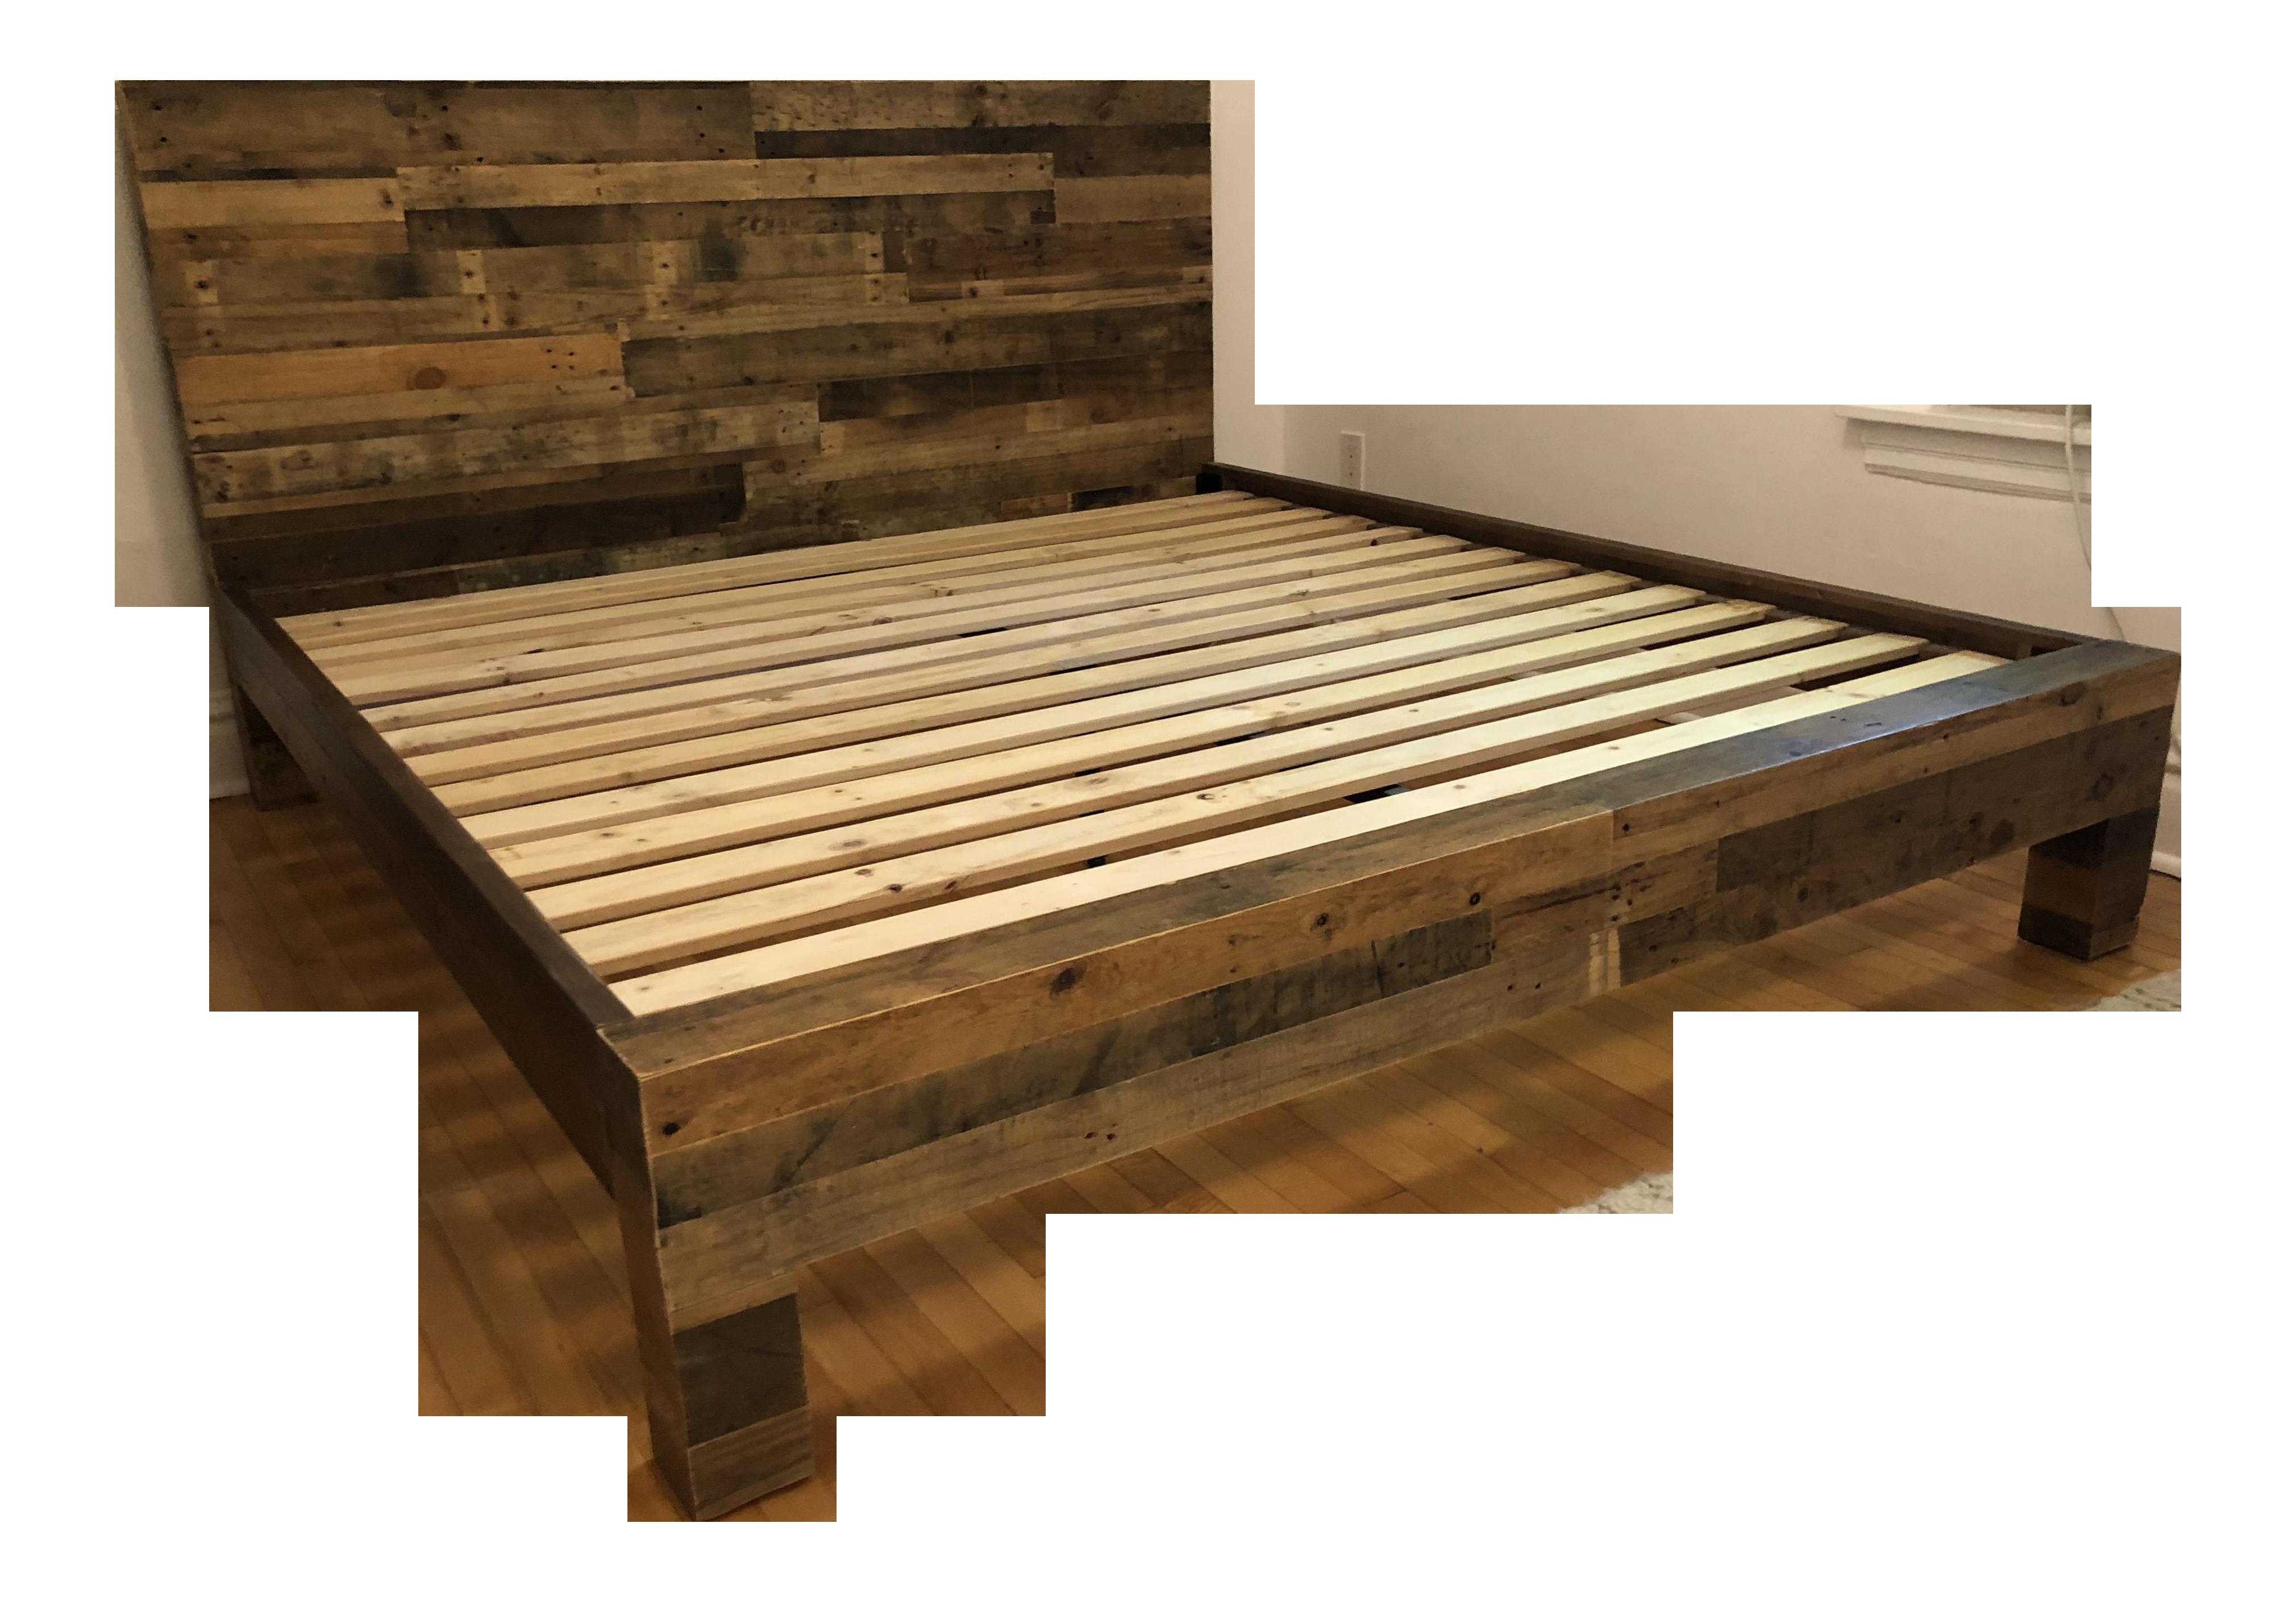 Rustic West Elm - Emmerson King Size Reclaimed Wood Bedframe